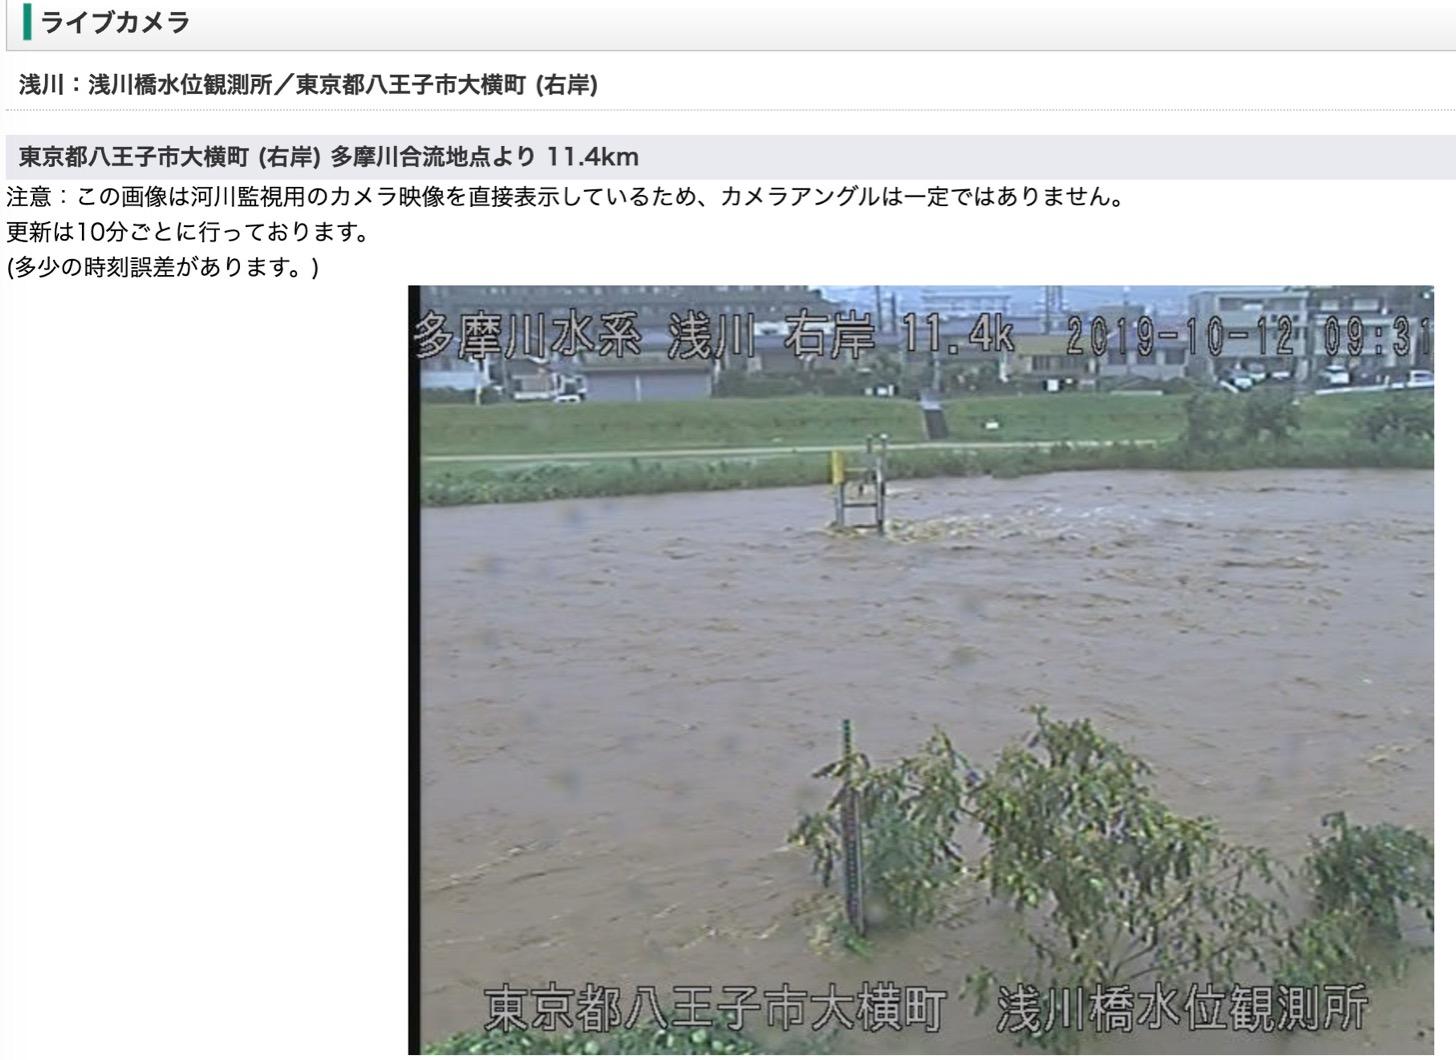 ライブカメラの映像(浅川)